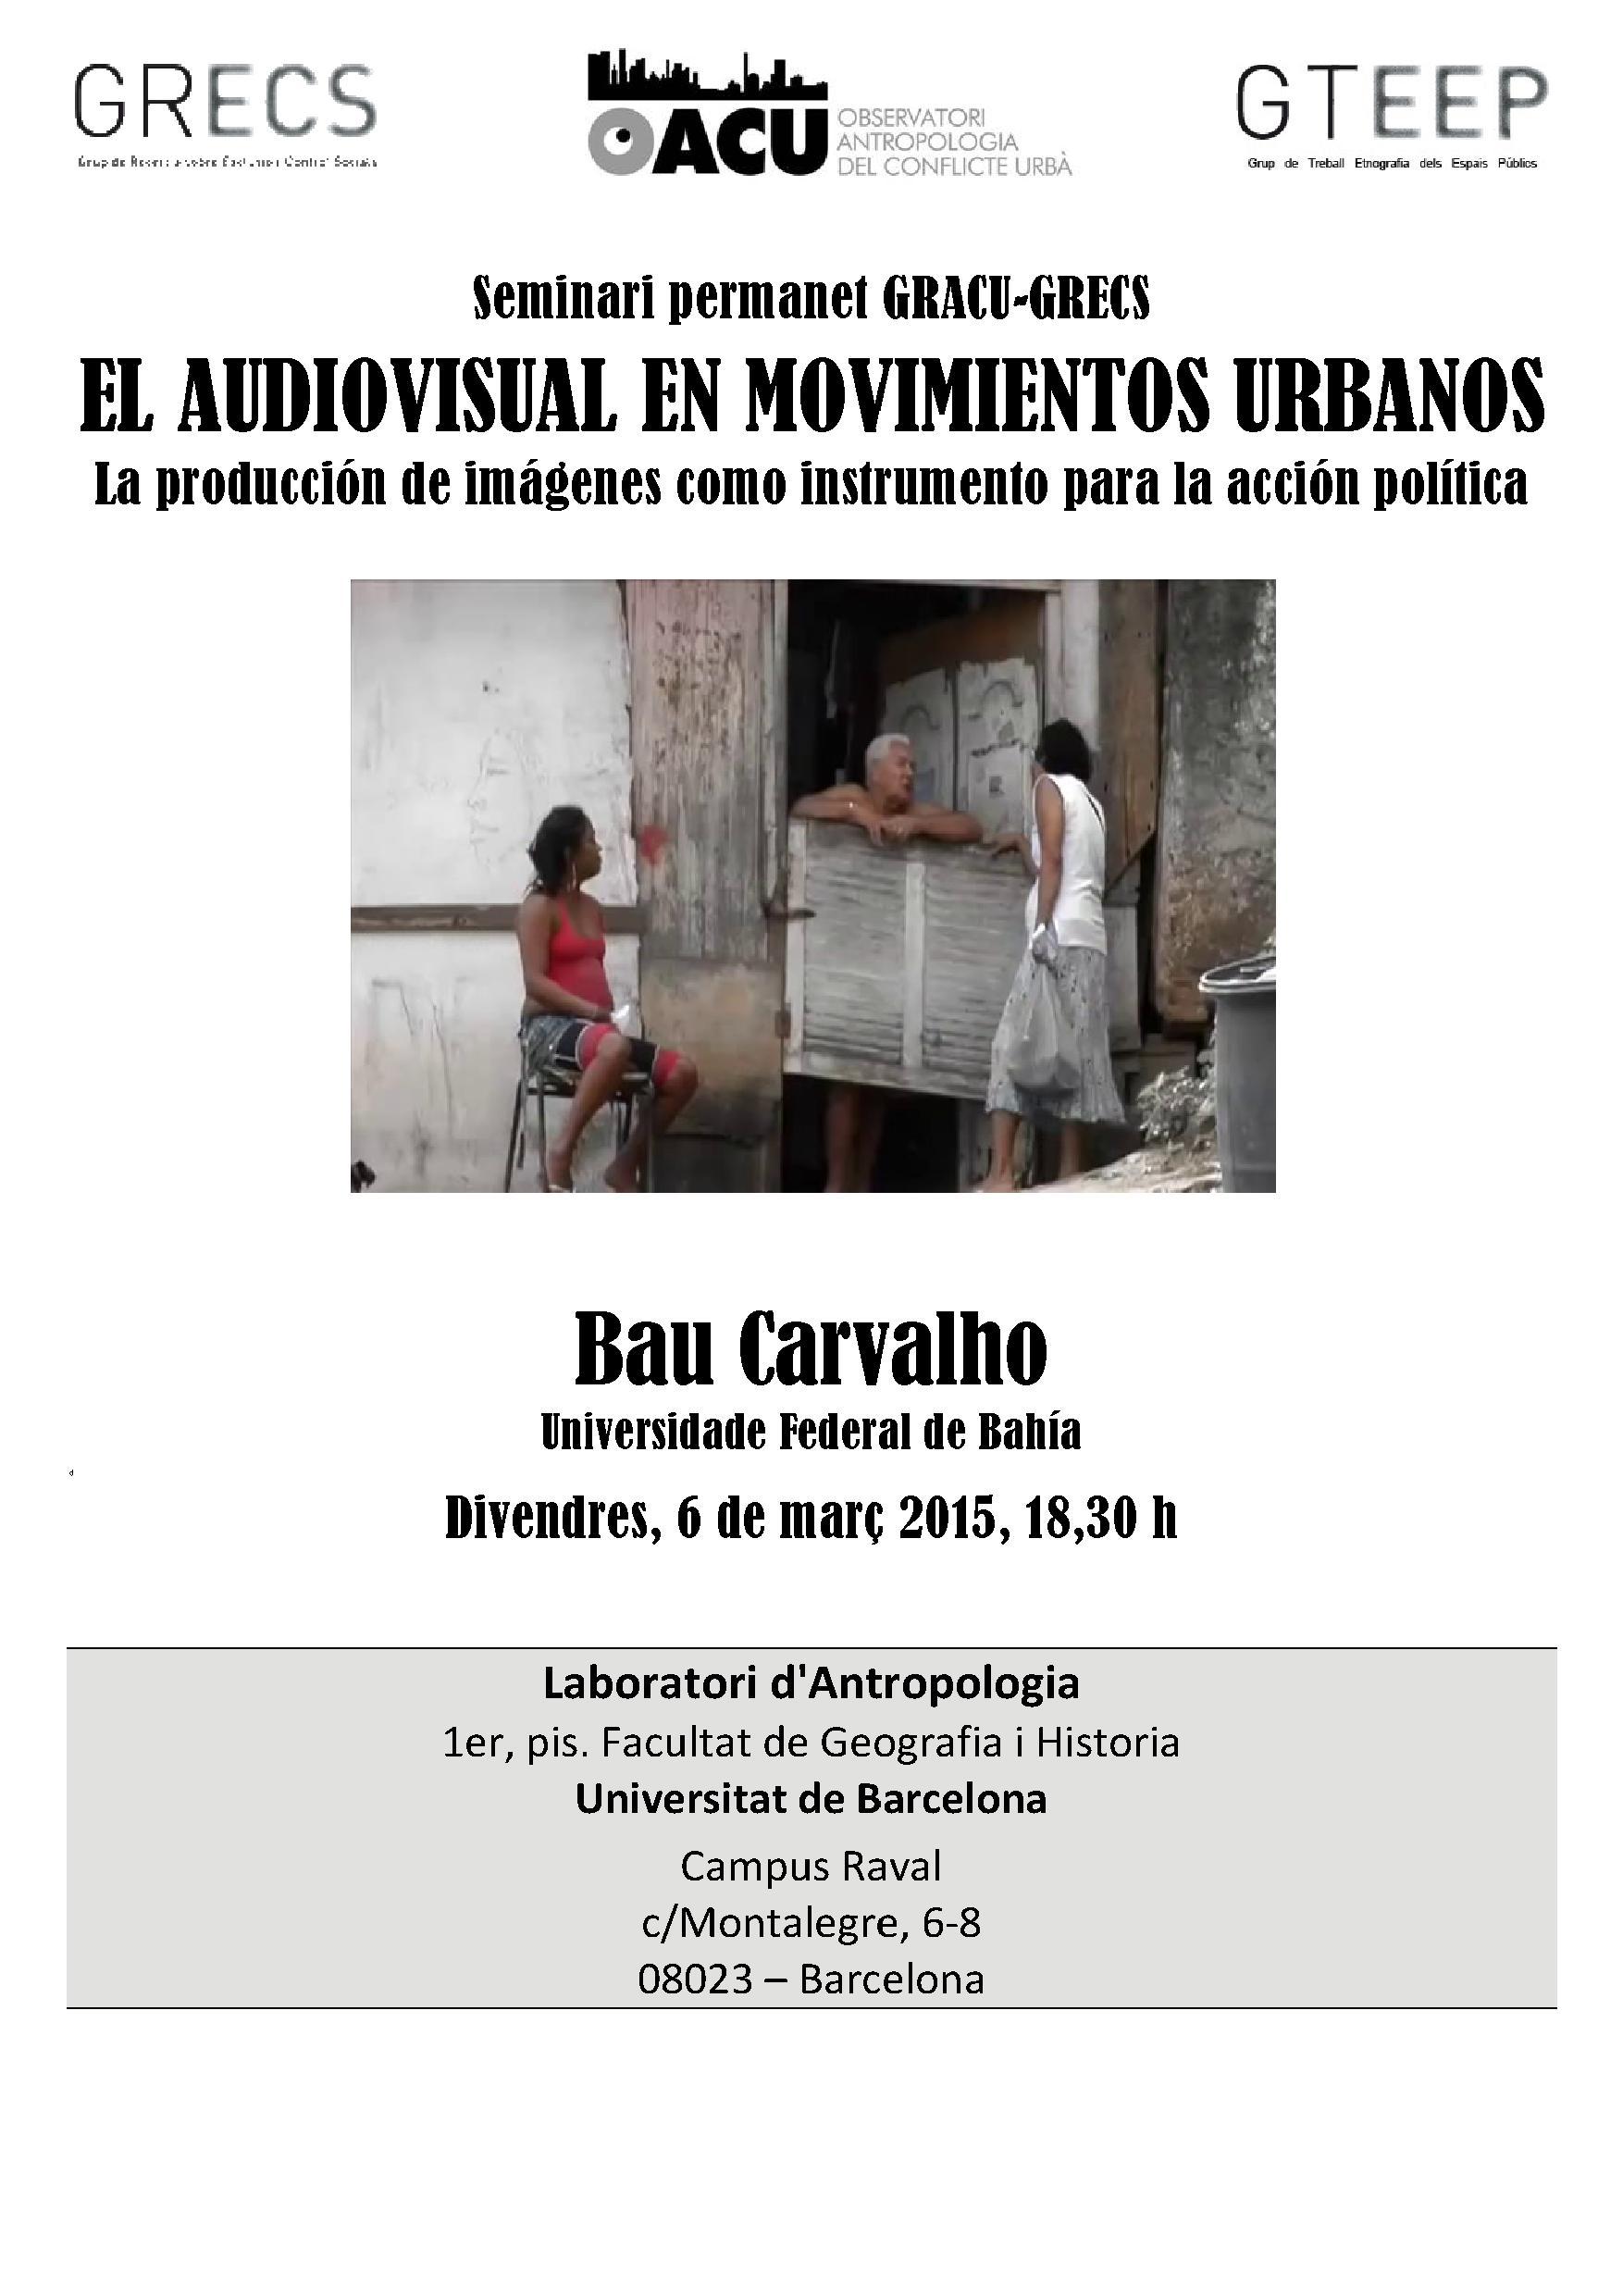 Bau Carvalho 3.15